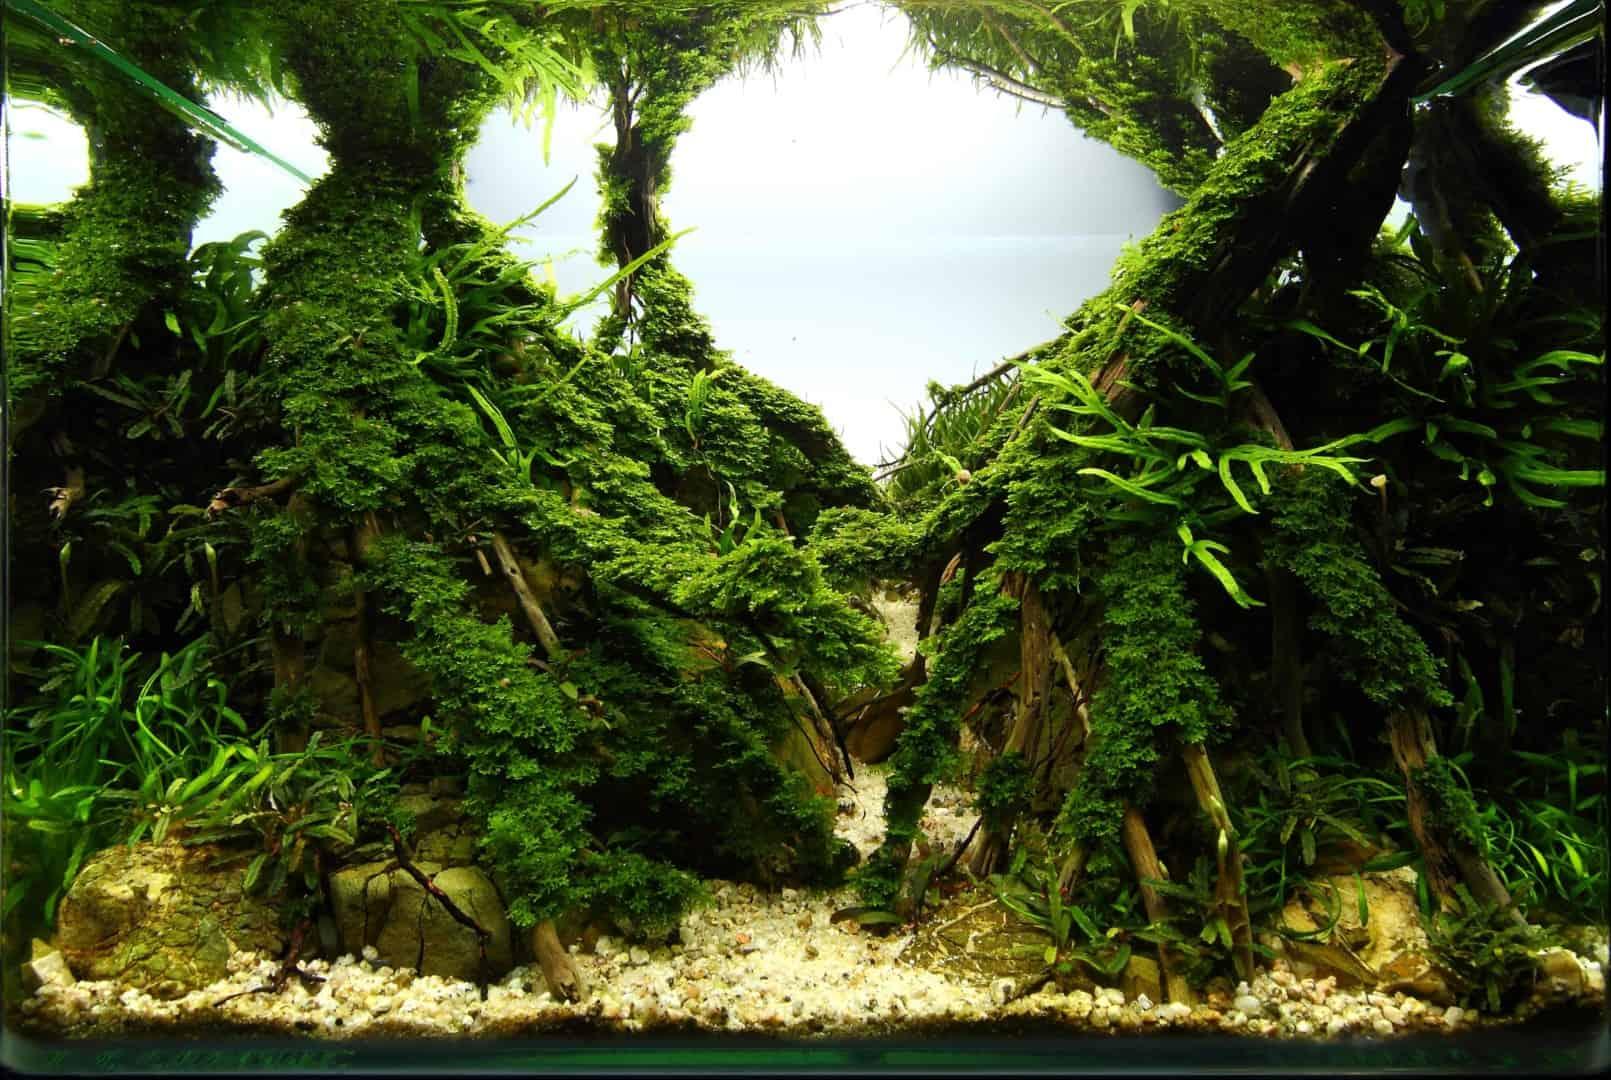 191 - The Art of the Planted Aquarium - Neuheiten und Möglichkeiten zum Mitmachen im April 2019 (Stefanie Hesse) 24